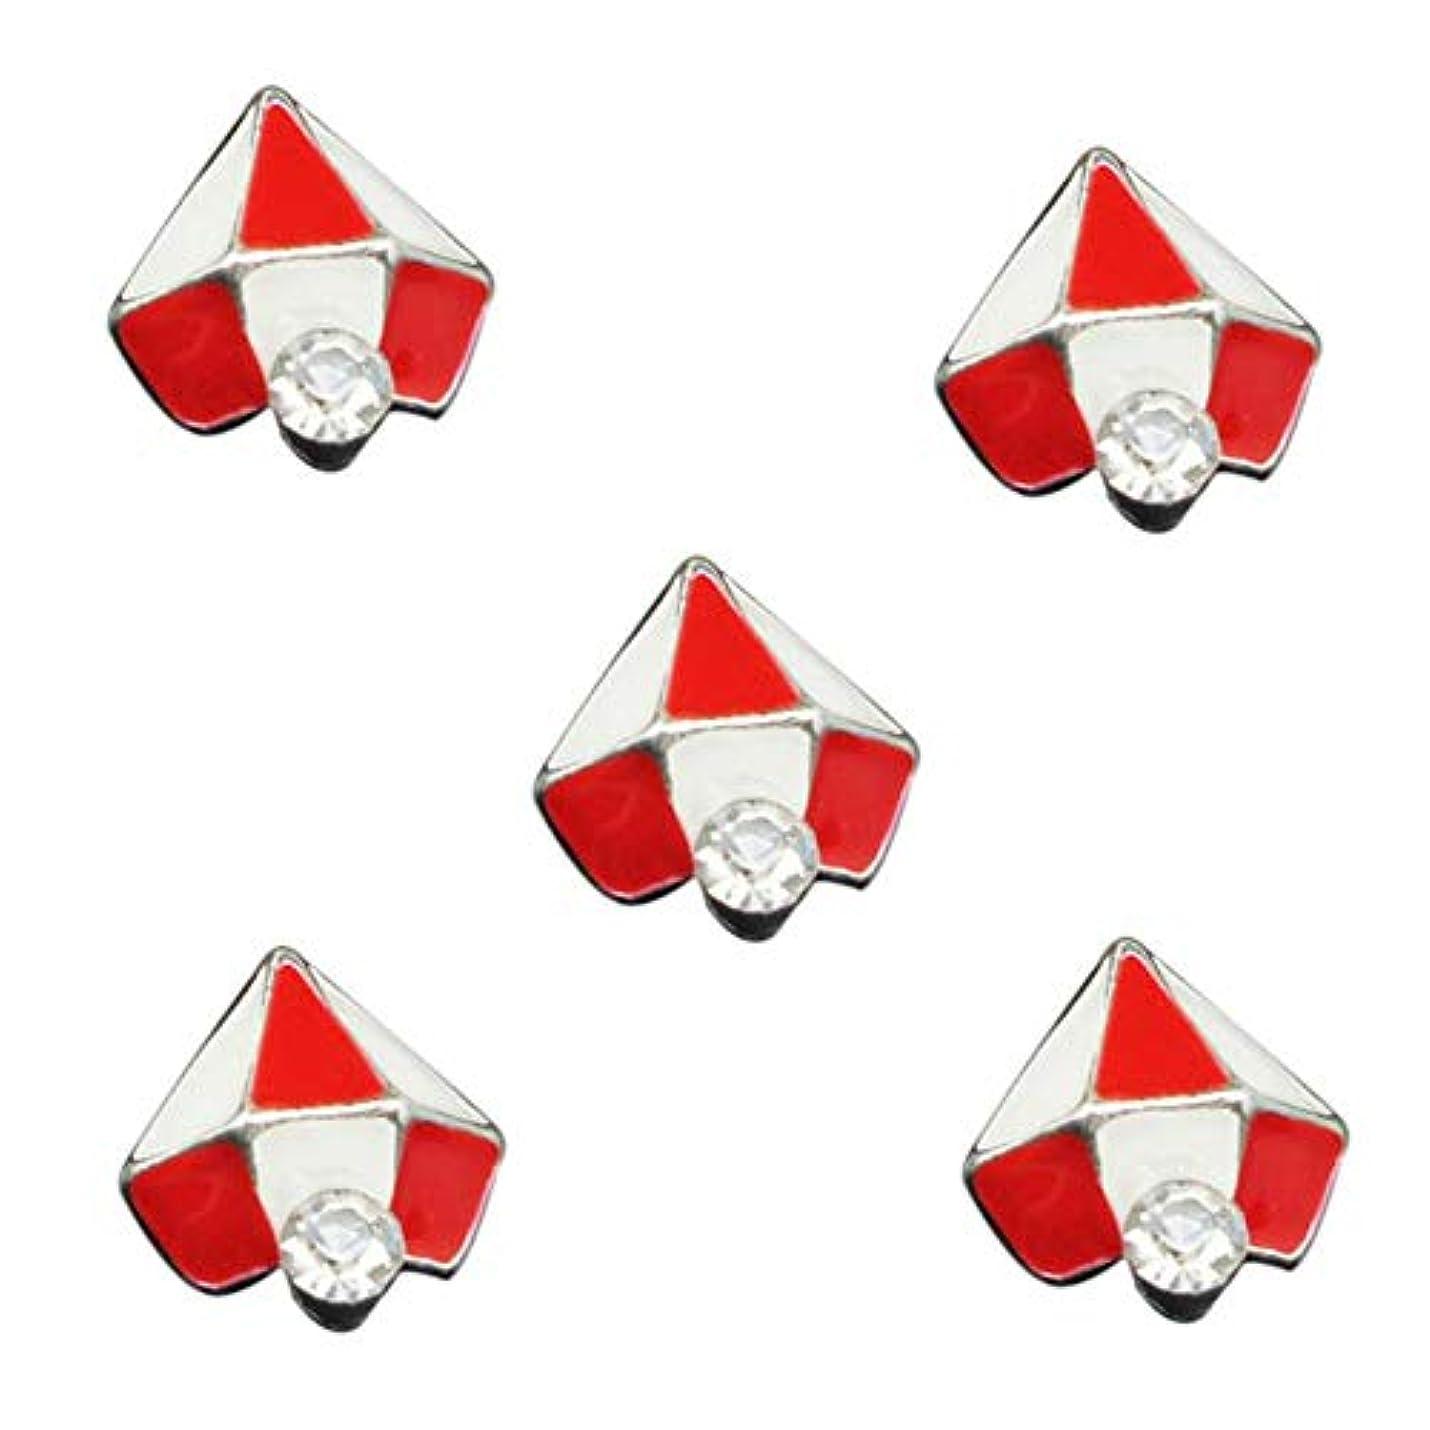 除去全部サイズ10PCSの3Dグリッタージュエリーレッドダイヤモンドデザインネイルアートジェルステッカーの接着剤のラインストーンネイルマニキュアスタイリングツールのために